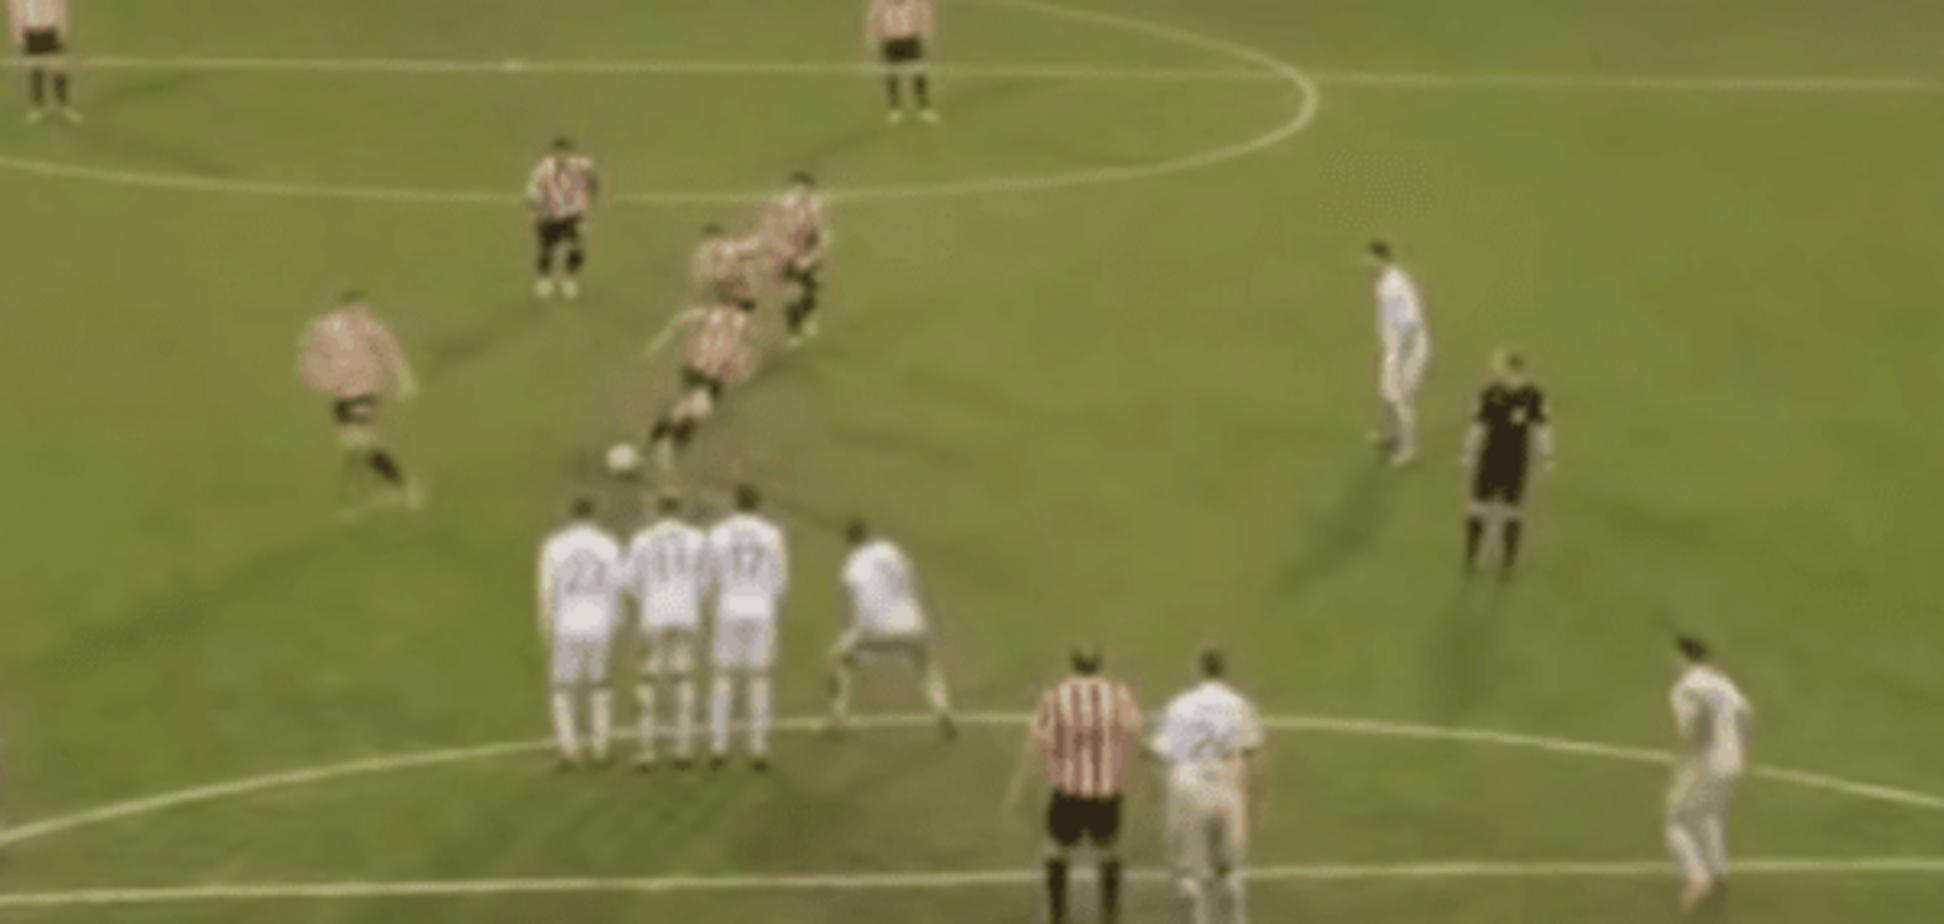 Надто захопилися. Англійські футболісти виконали найбезглуздіший штрафний удар року: курйозне відео